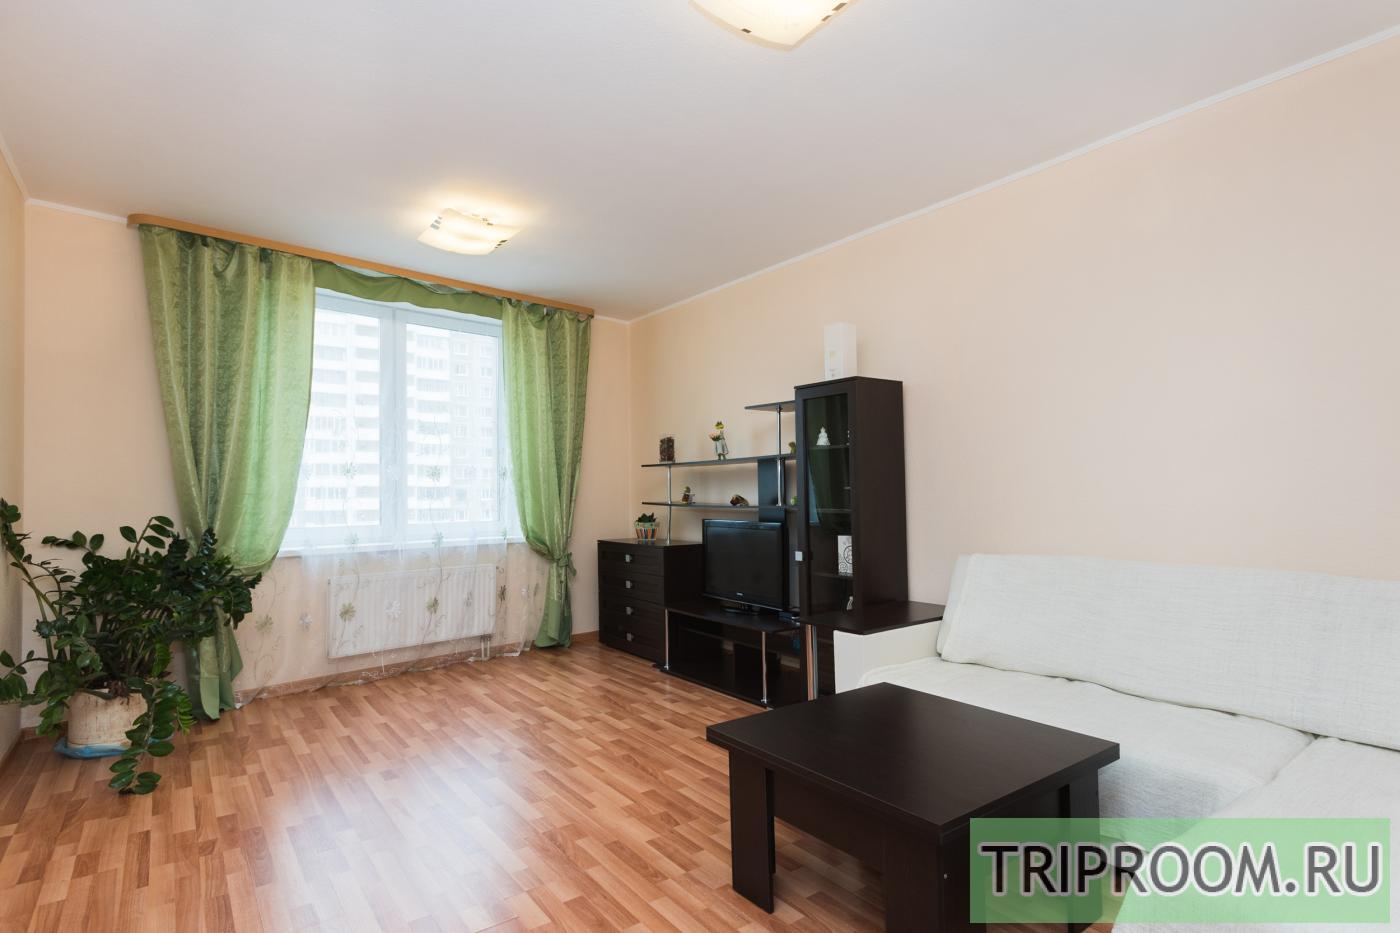 2-комнатная квартира посуточно (вариант № 11950), ул. Шейнкмана улица, фото № 2